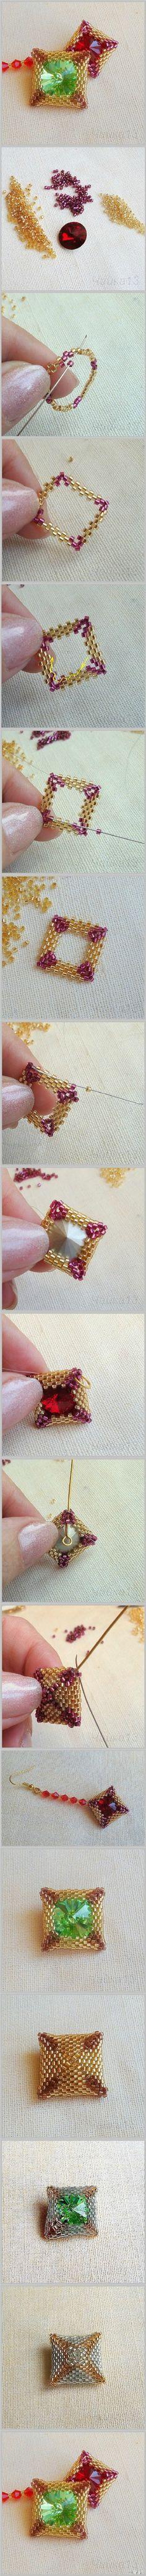 #弧面编织#←关键词。之前介绍过圆形、水滴形的串珠包裹宝石技法,这次来看看如何做方形的轮廓。其实串法都大差不差,不过细微处多个少个珠子很明显的,所以要严格贴合宝石的形状来串哦,时不时把宝石放进去比对一下。最后的收口步骤很多人不明白,一个最简单的方法,就是采用更小一号的珠子串一圈啦!